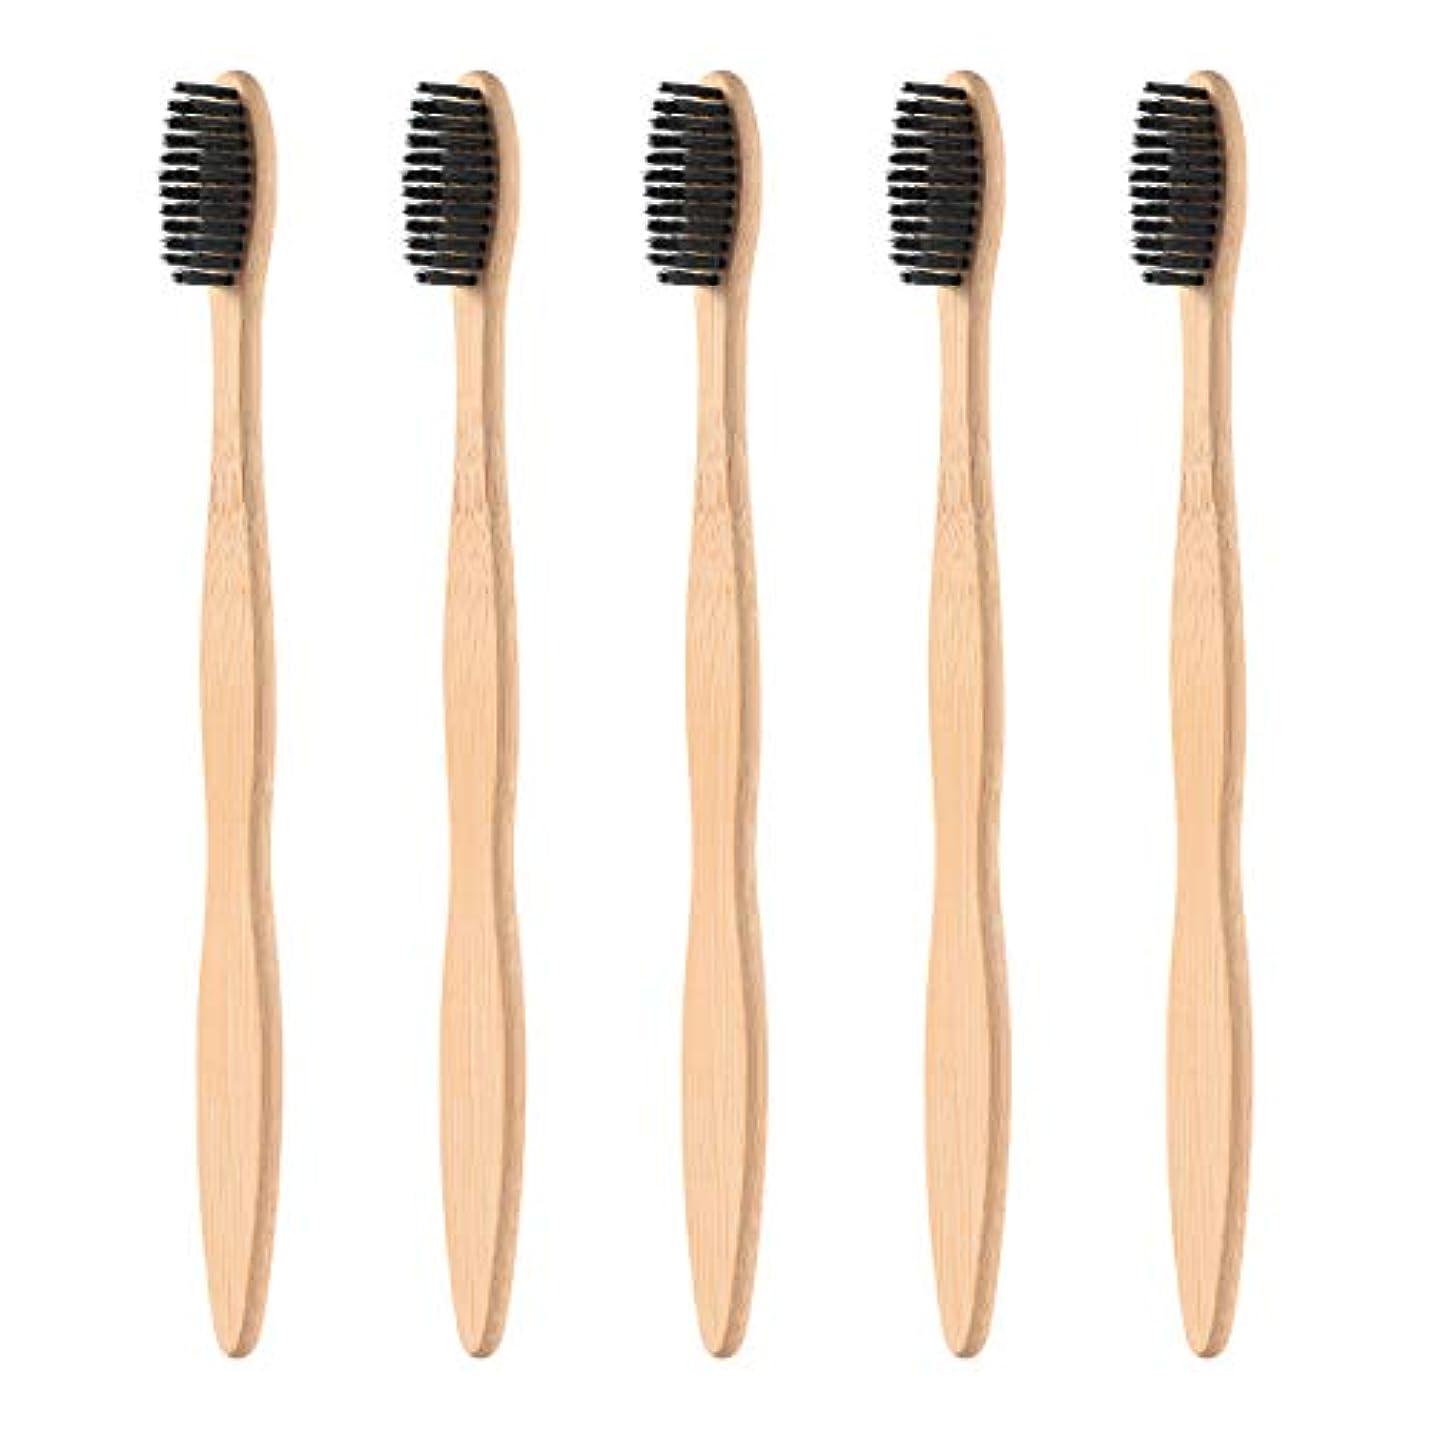 切手口ひげボーナスHealifty 柔らかい黒い剛毛が付いている5pcsタケハンドルの歯ブラシの自然な木のEcoの友好的な歯ブラシ